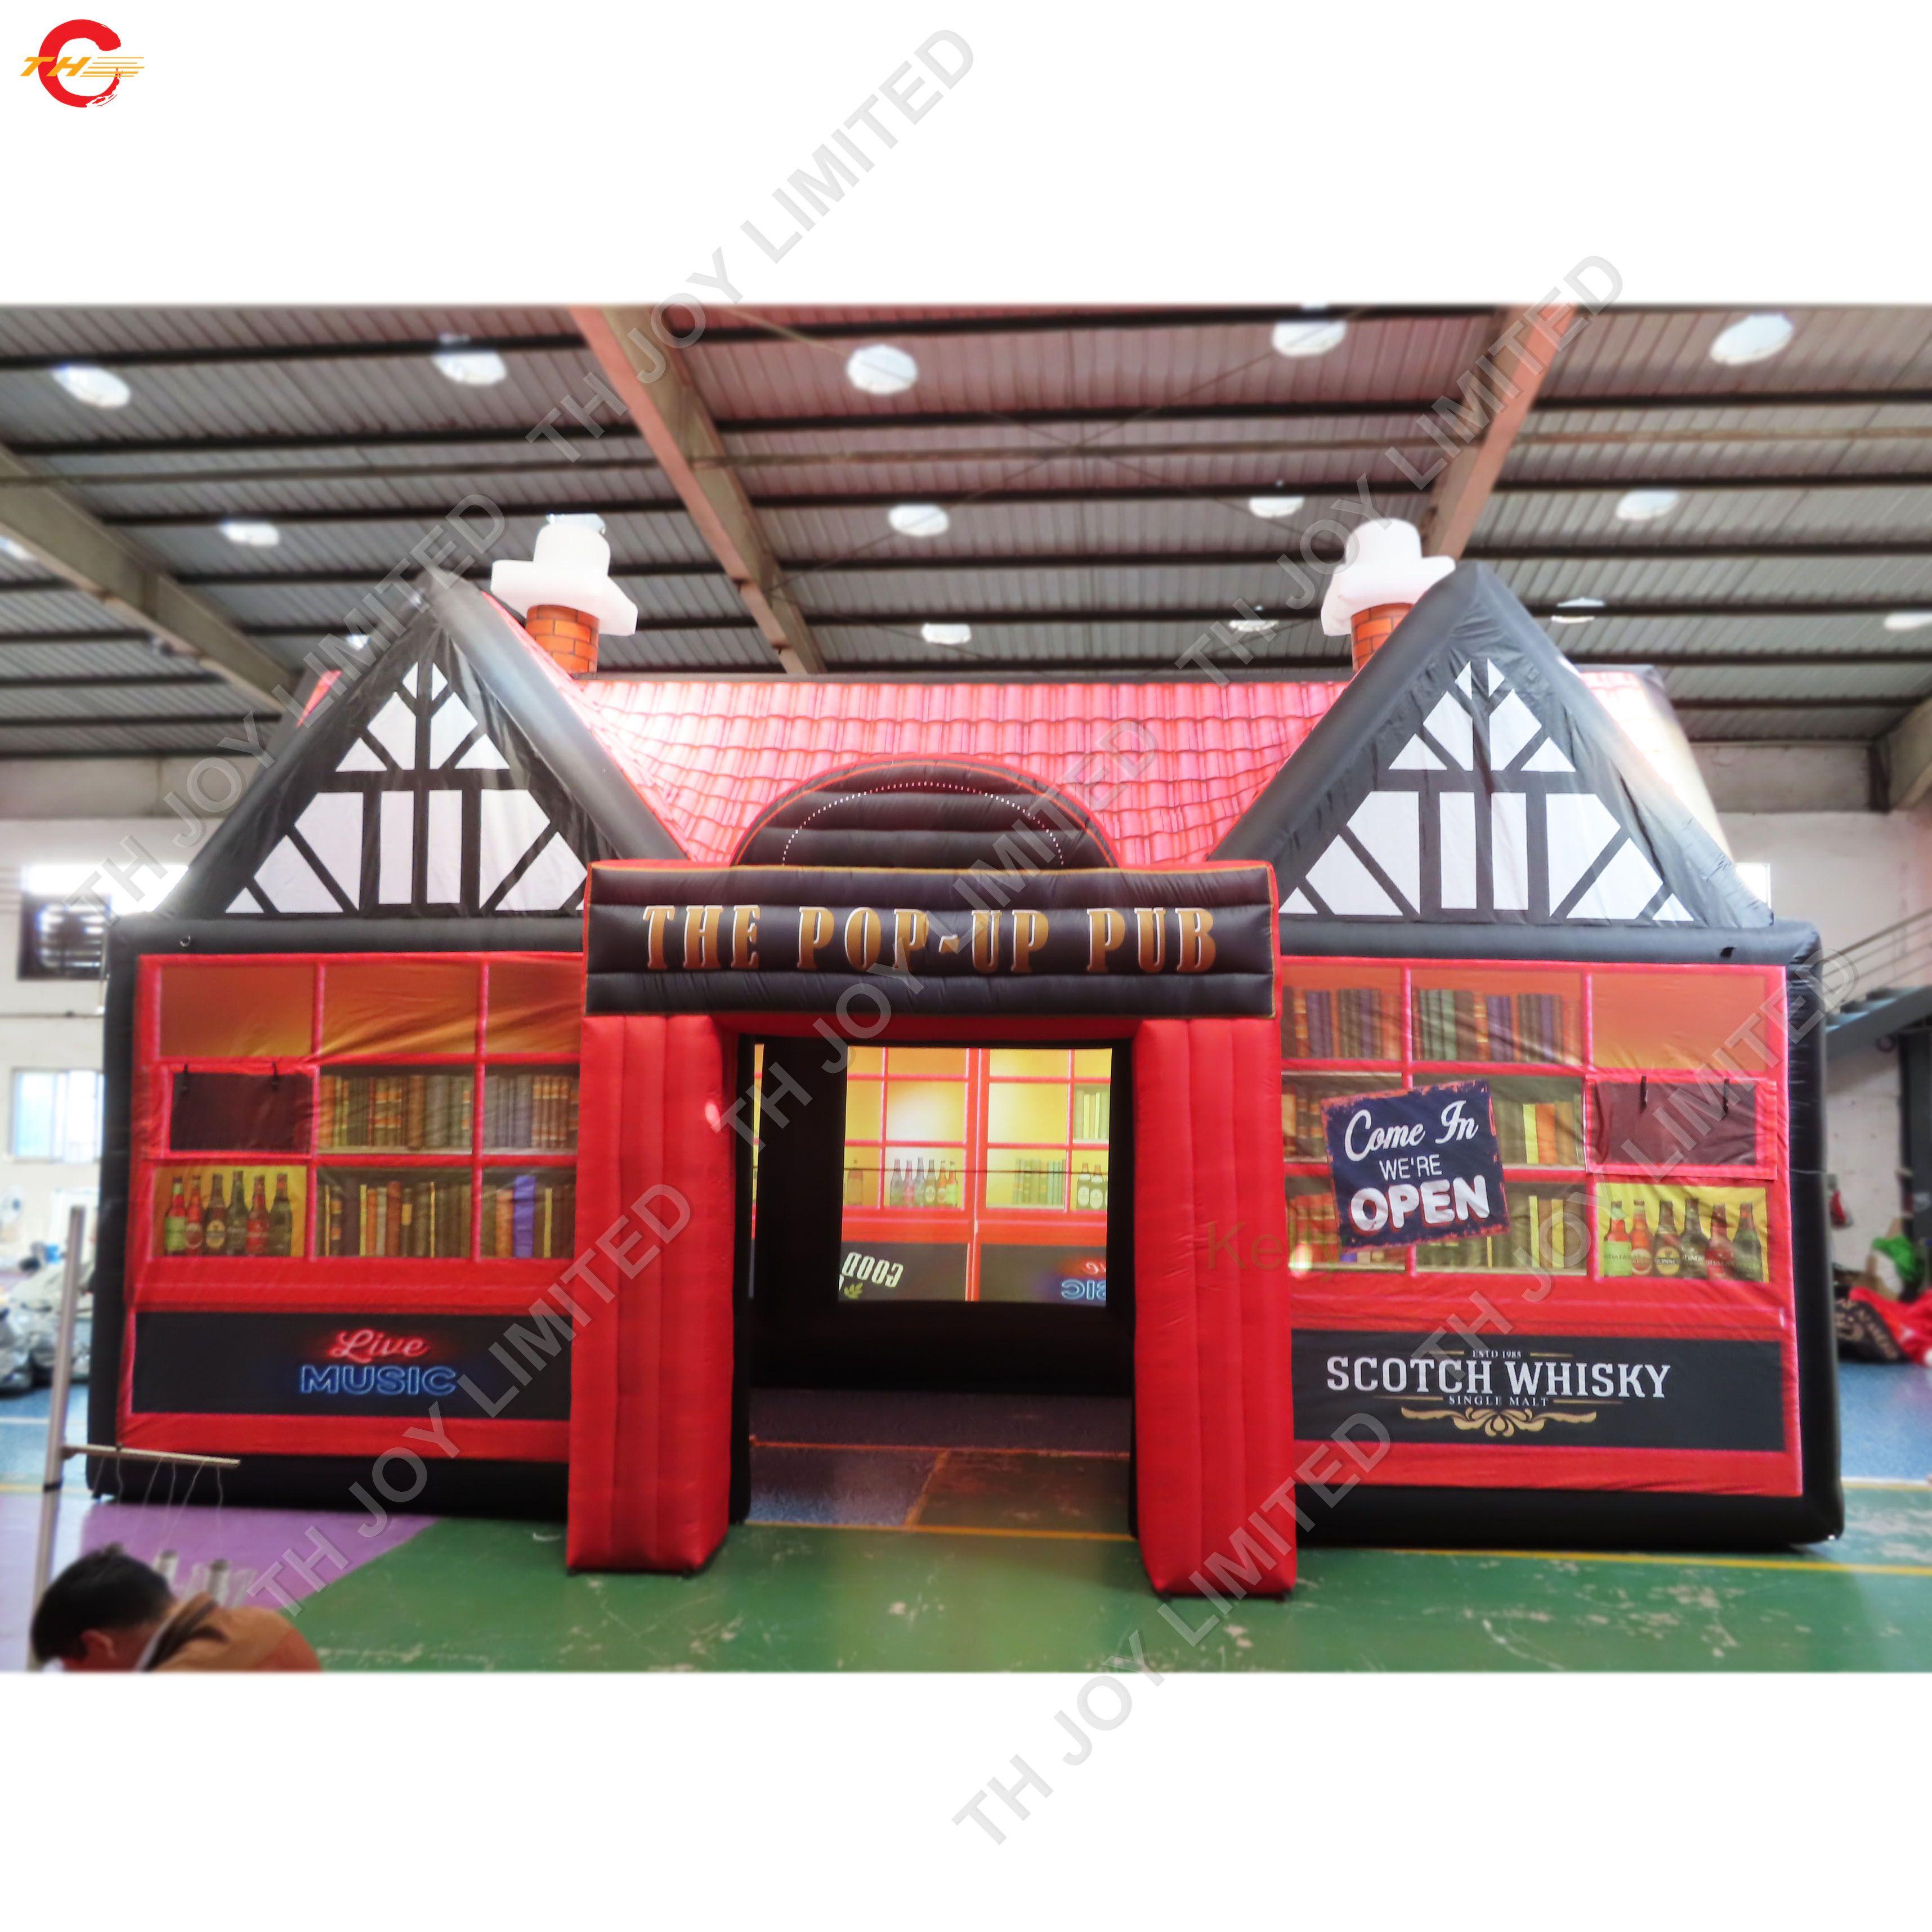 10x5x5mH fait sur mesure géant tente gonflable pub bar gonflable irlandais tente pour les événements de fête en plein air location de tentes portables de pelouse gonflables